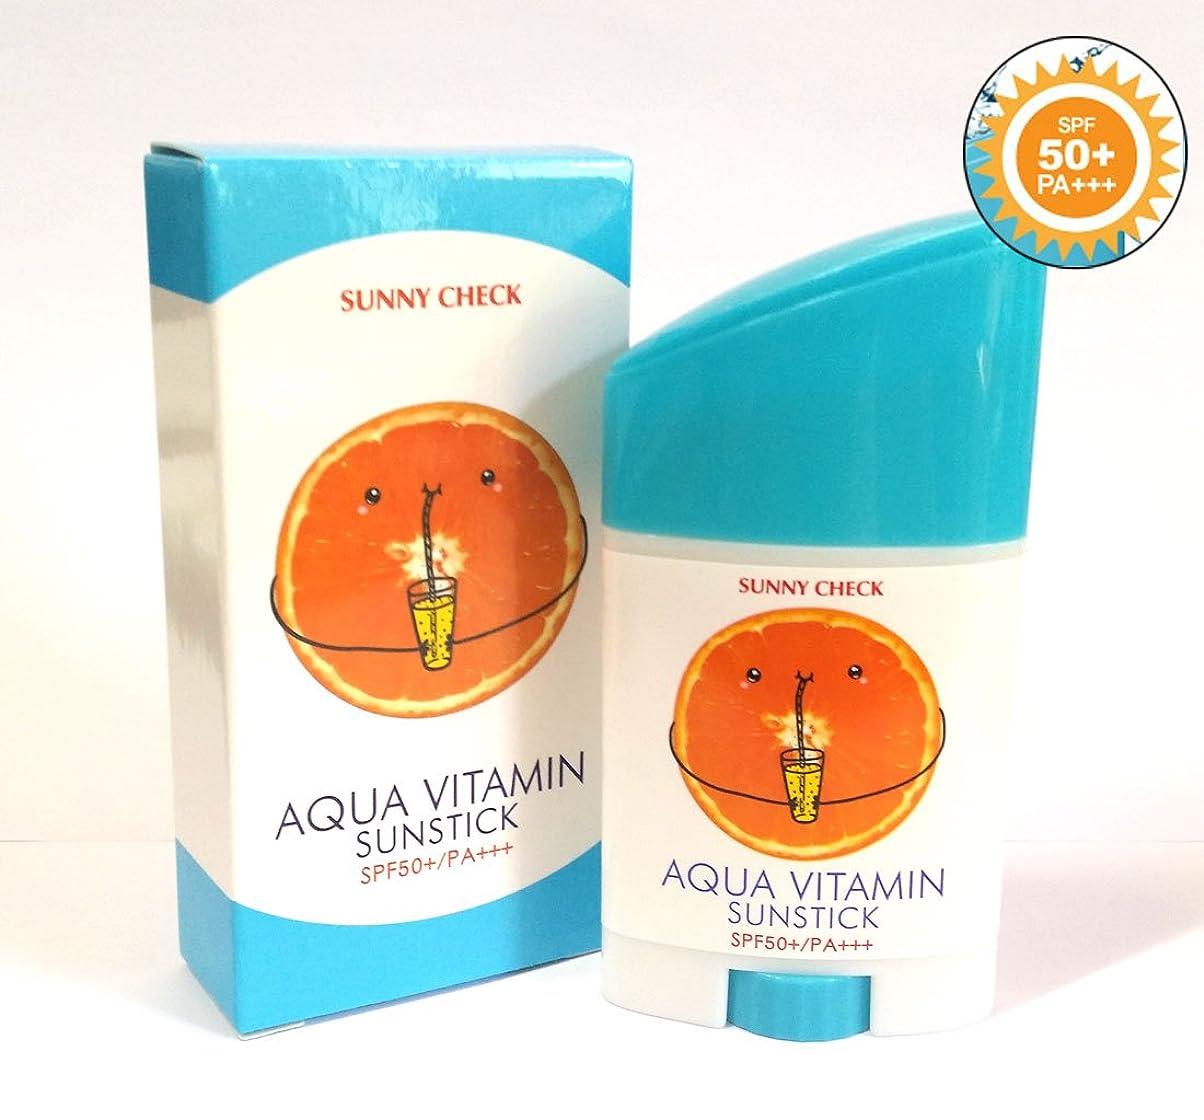 ただやるステートメントサンプル[Sunny Check] アクアビタミンサンスティックSPF50 + PA +++ 26g(0.9oz)/UVプロテクション/韓国化粧品/Aqua Vitamin Sun Stick SPF50+ PA+++ 26g(0.9oz)/UV protection/Korean Cosmetics (2EA) [並行輸入品]